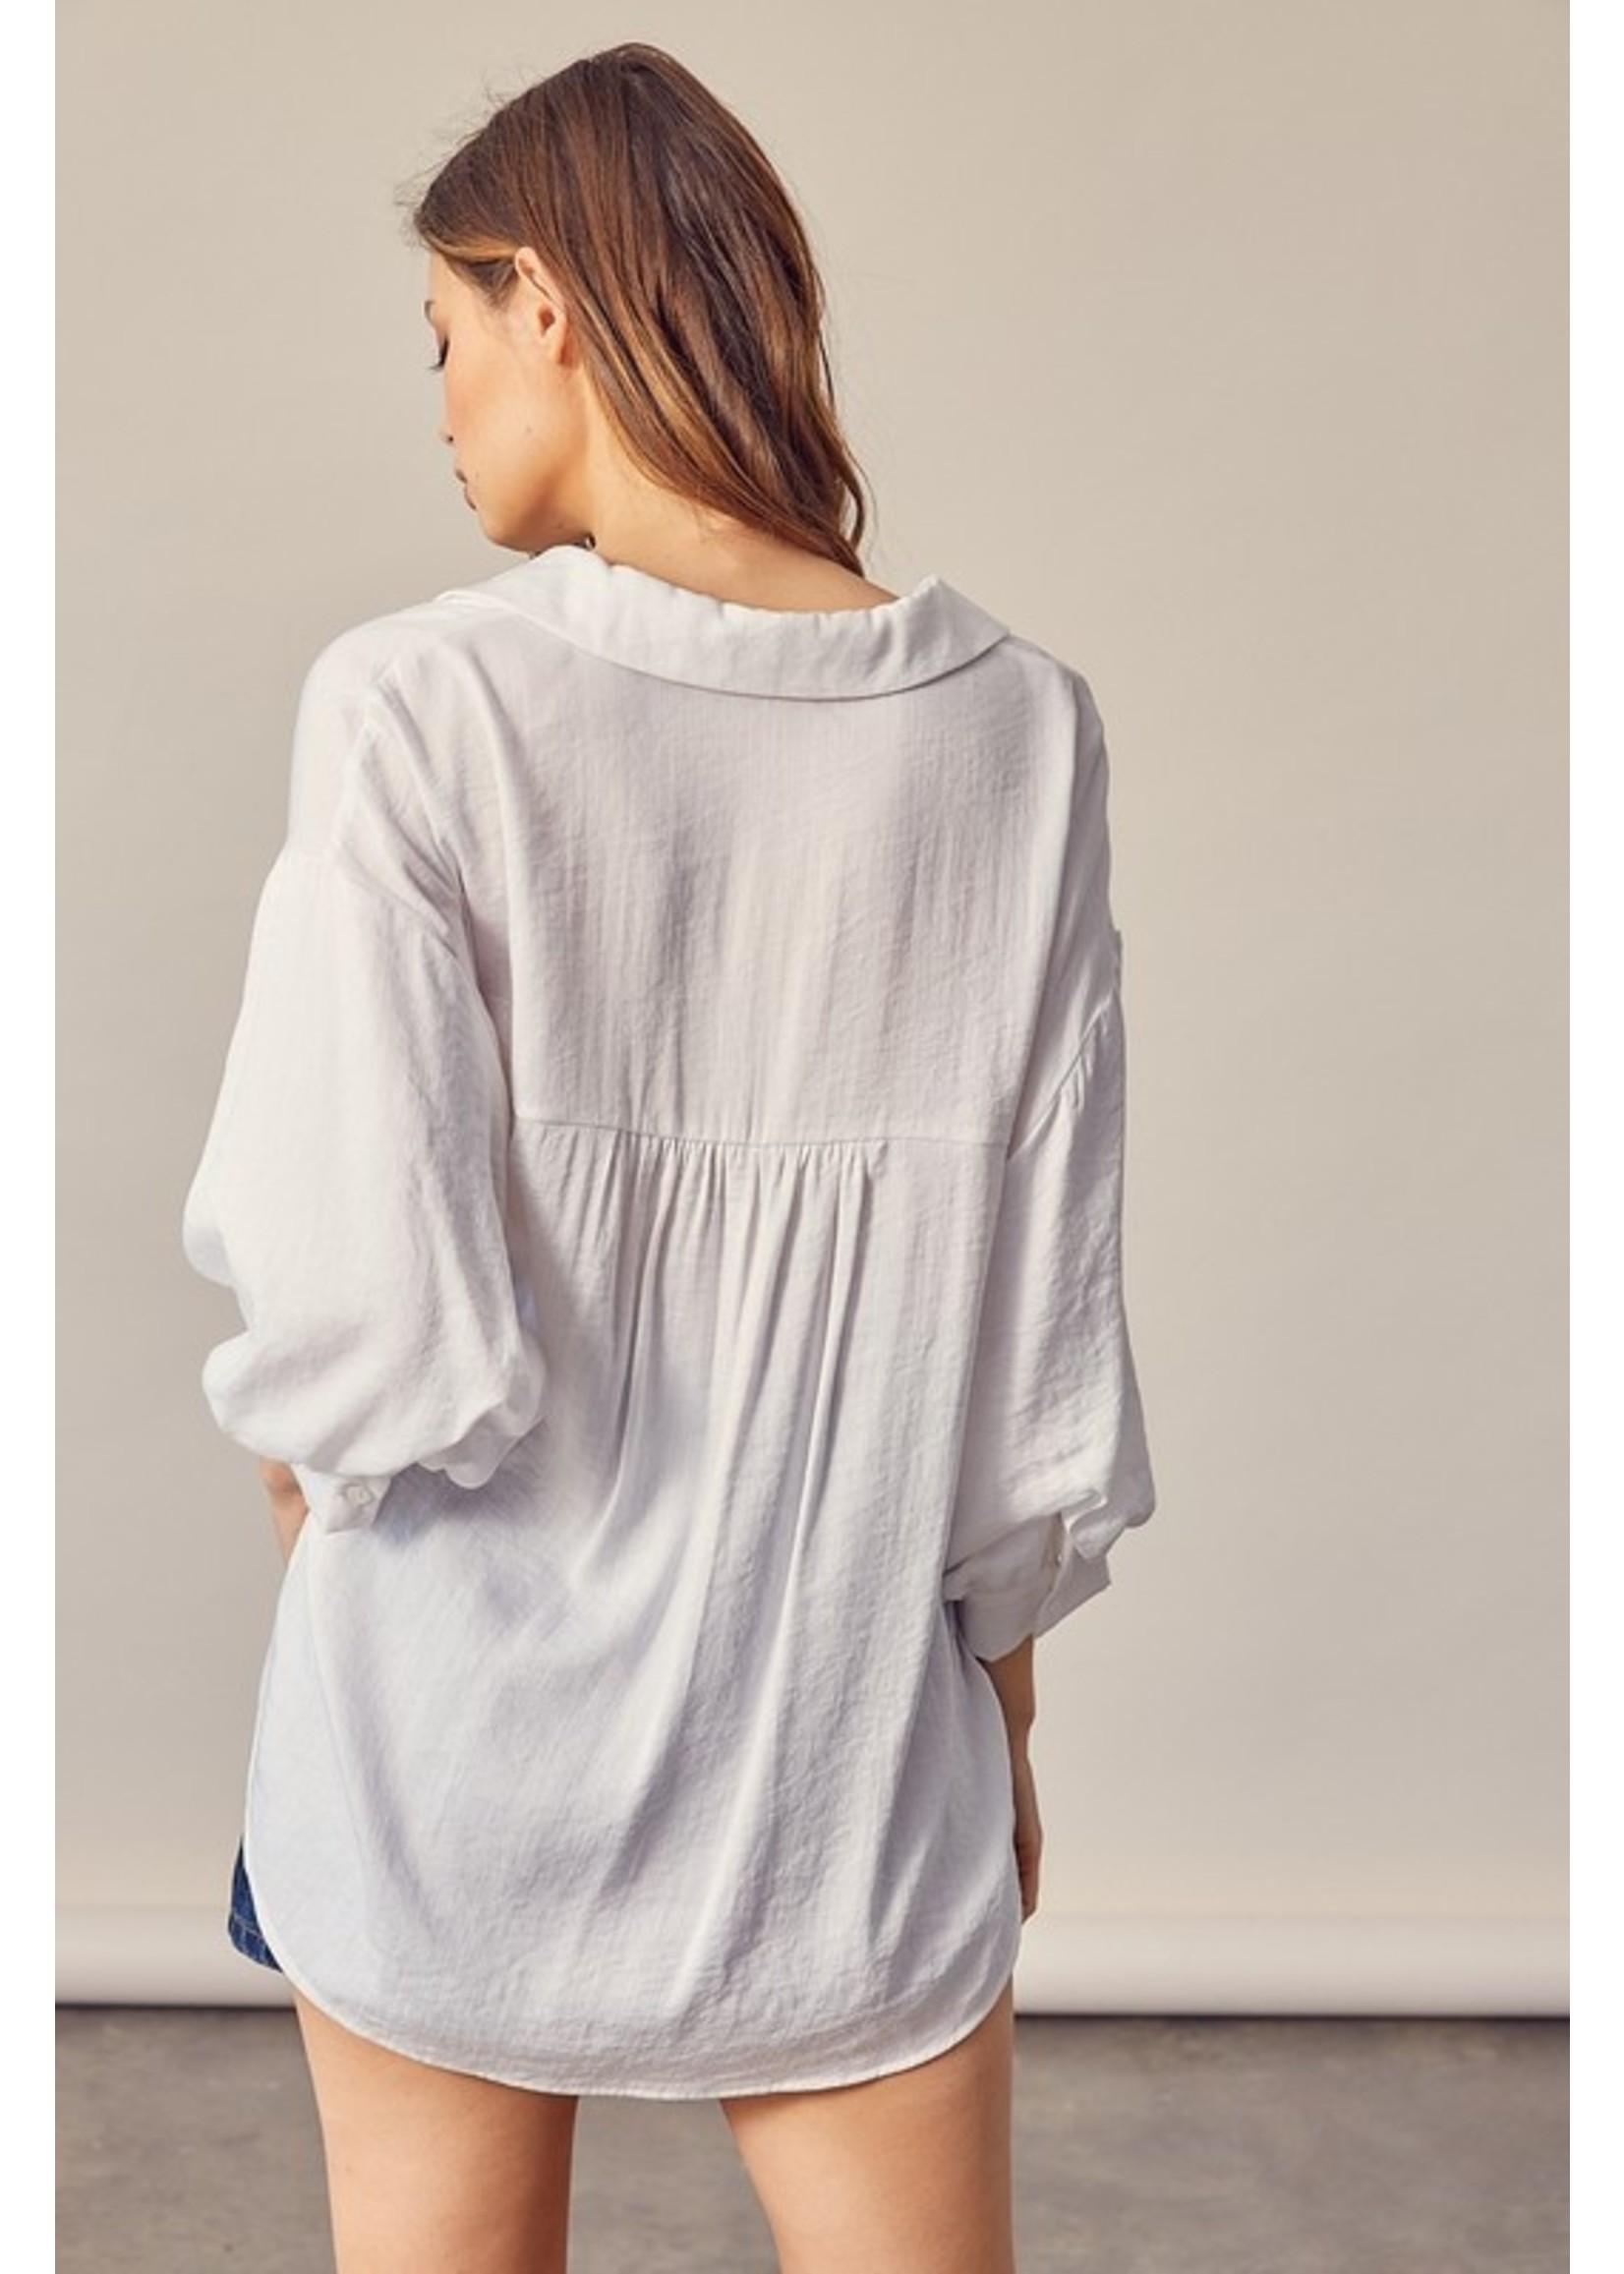 Mustard Seed V-Neck Collar Shirt - S18571